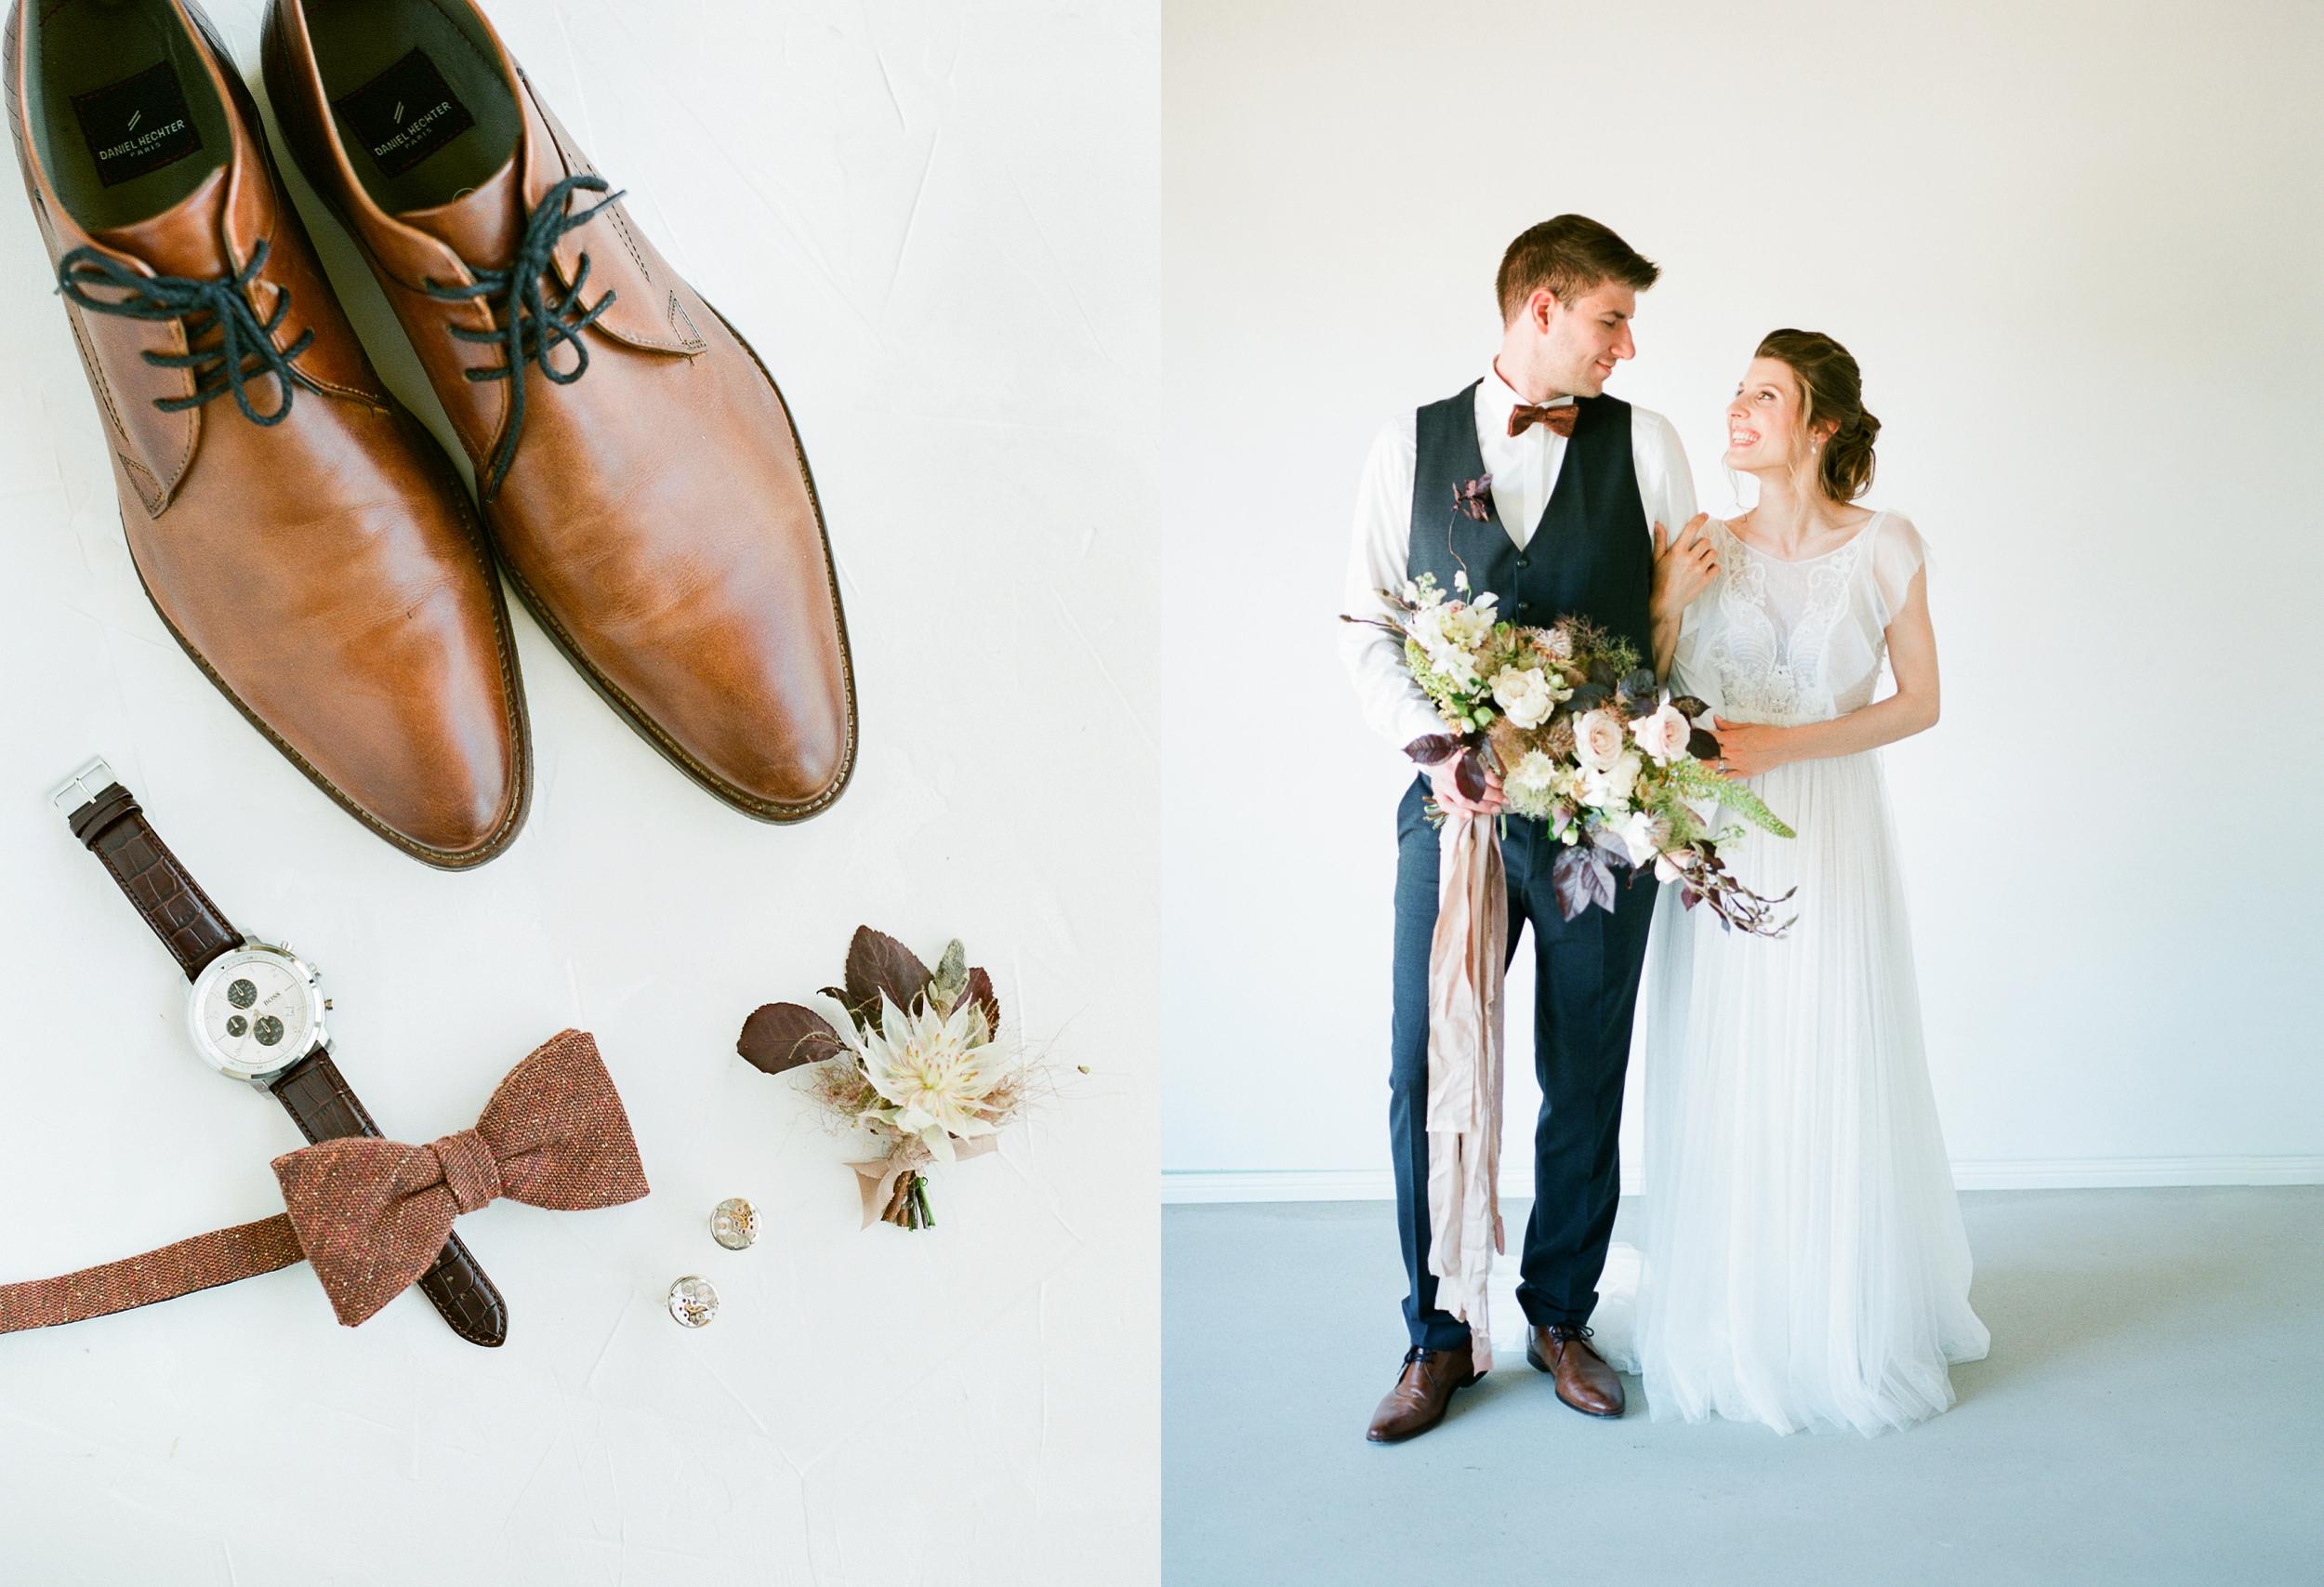 Studio Afterwedding shoot in Hennef with  Suesse poesie - Tanja Kibogo (2).JPG